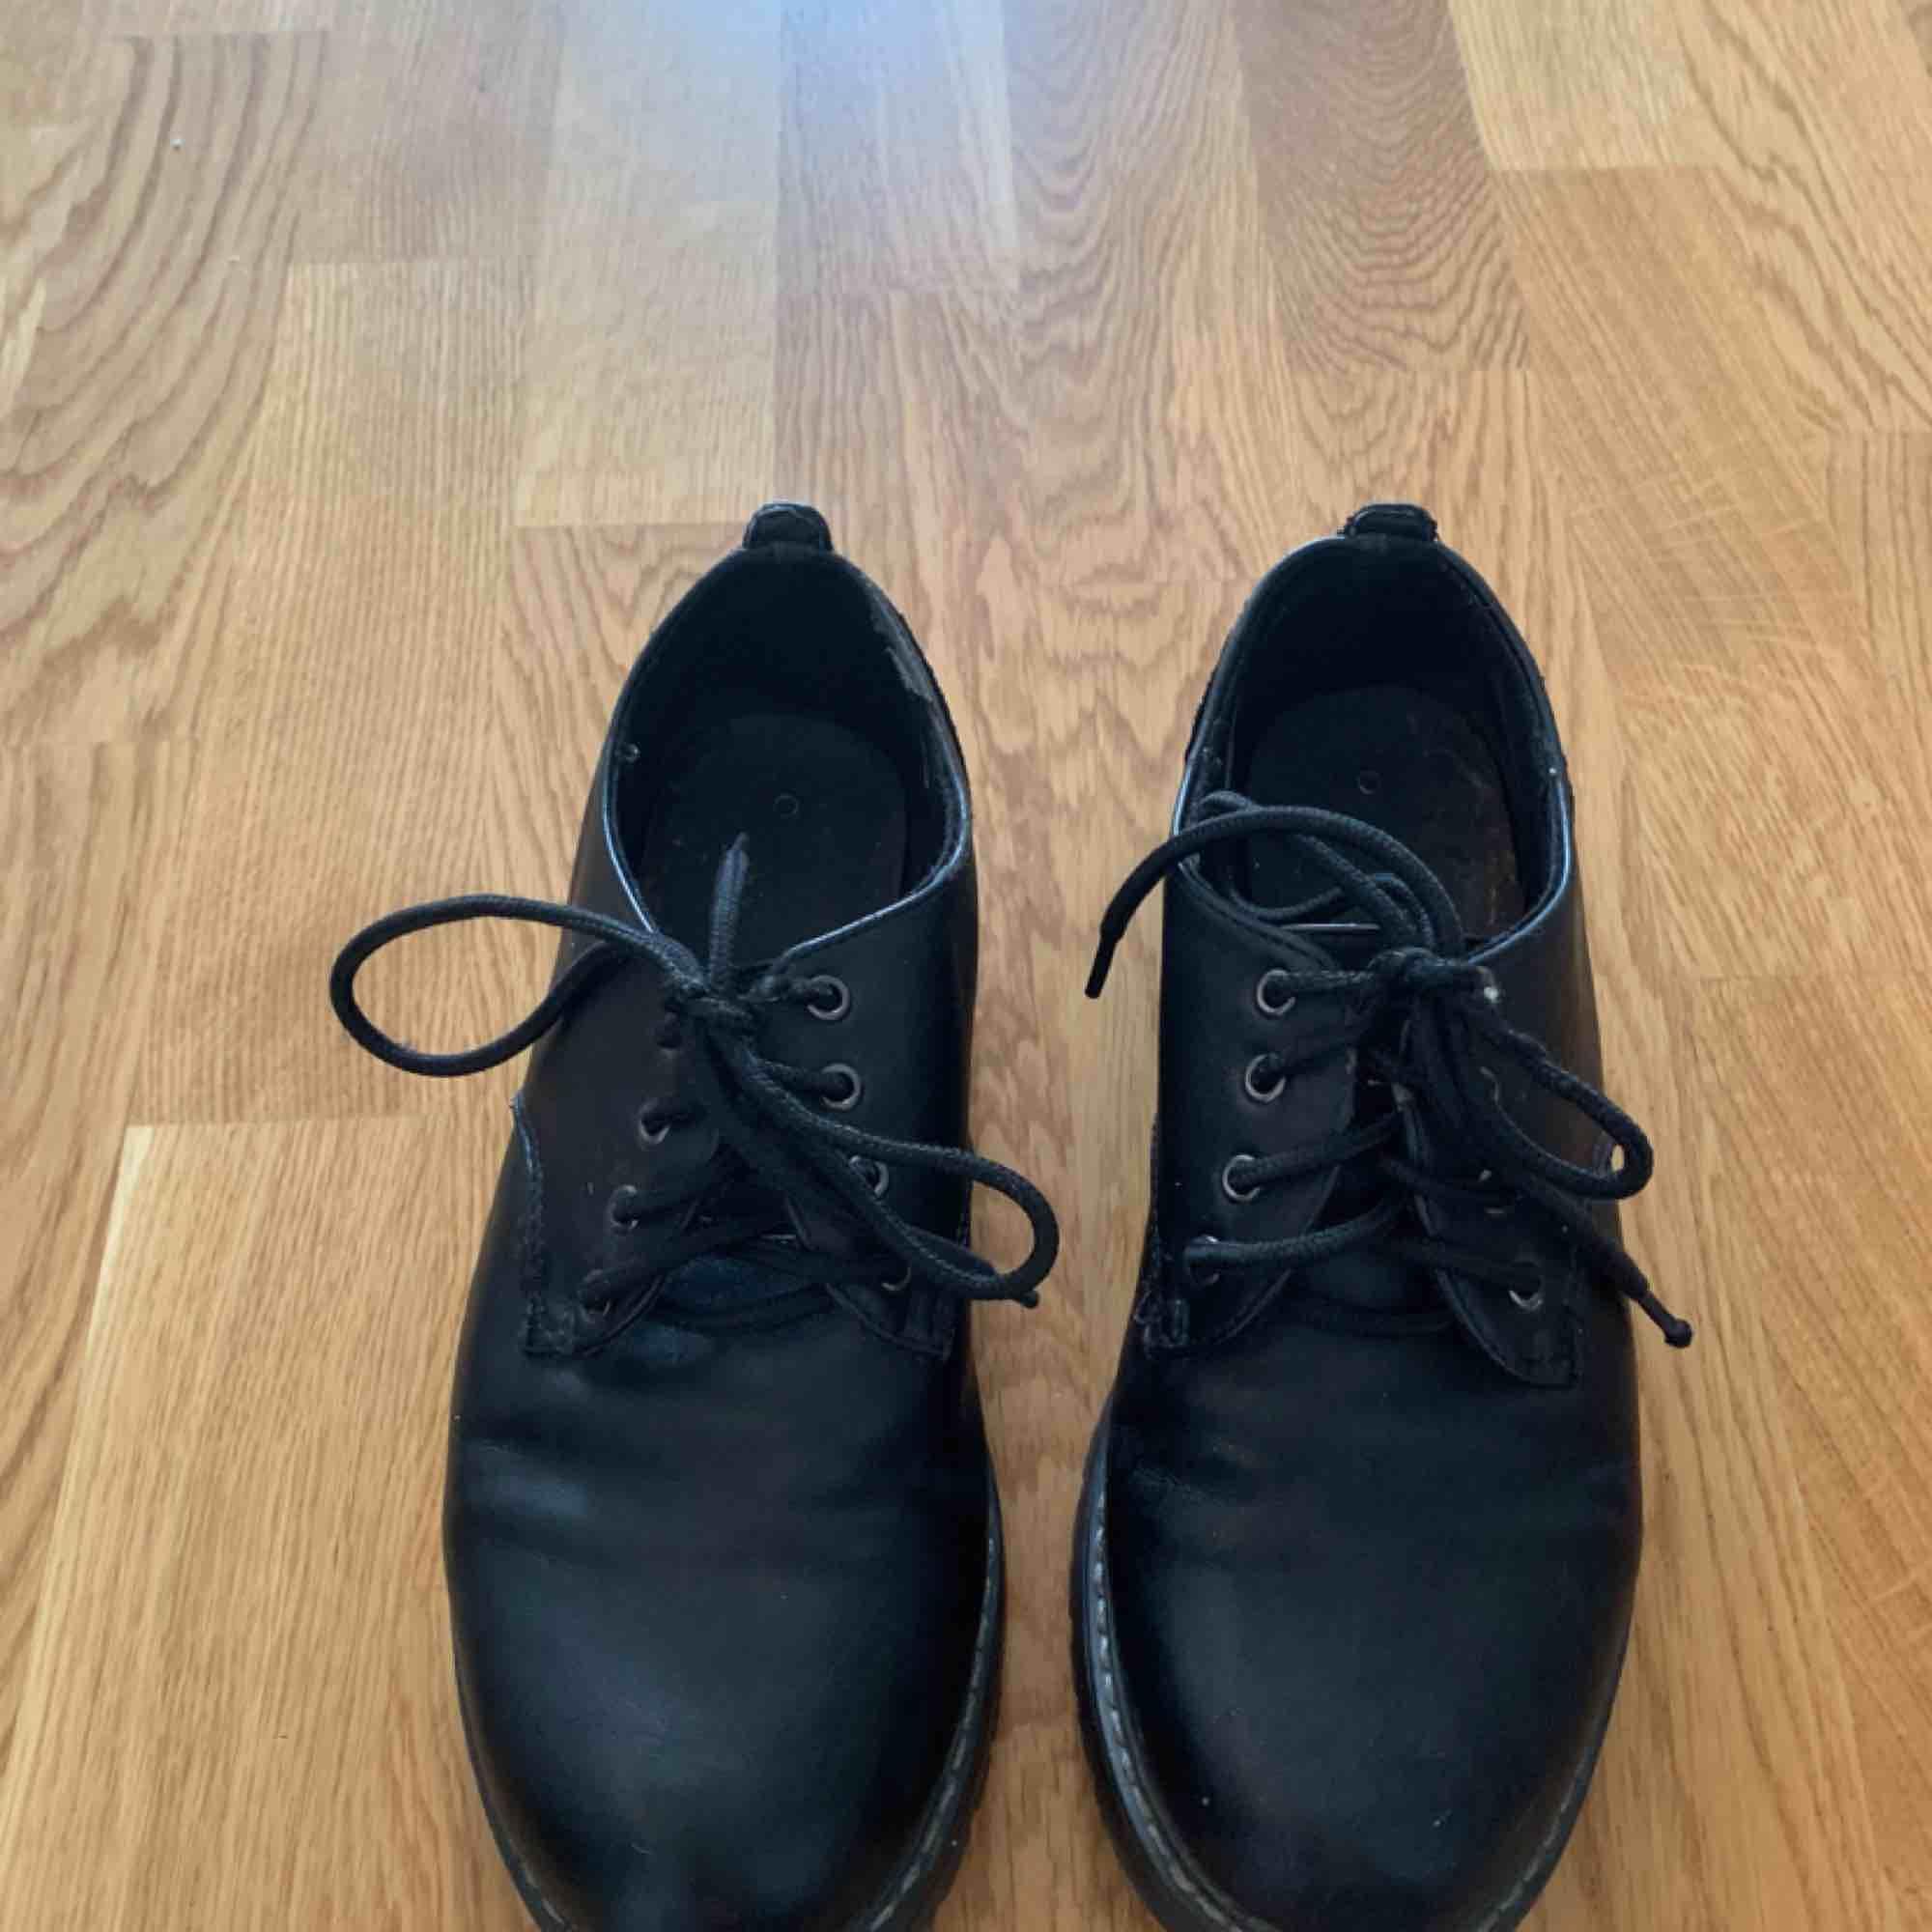 Fina skor som passar perfekt i höst! Använda men gott skick, snörena kan behöva bytas ut :). Skor.